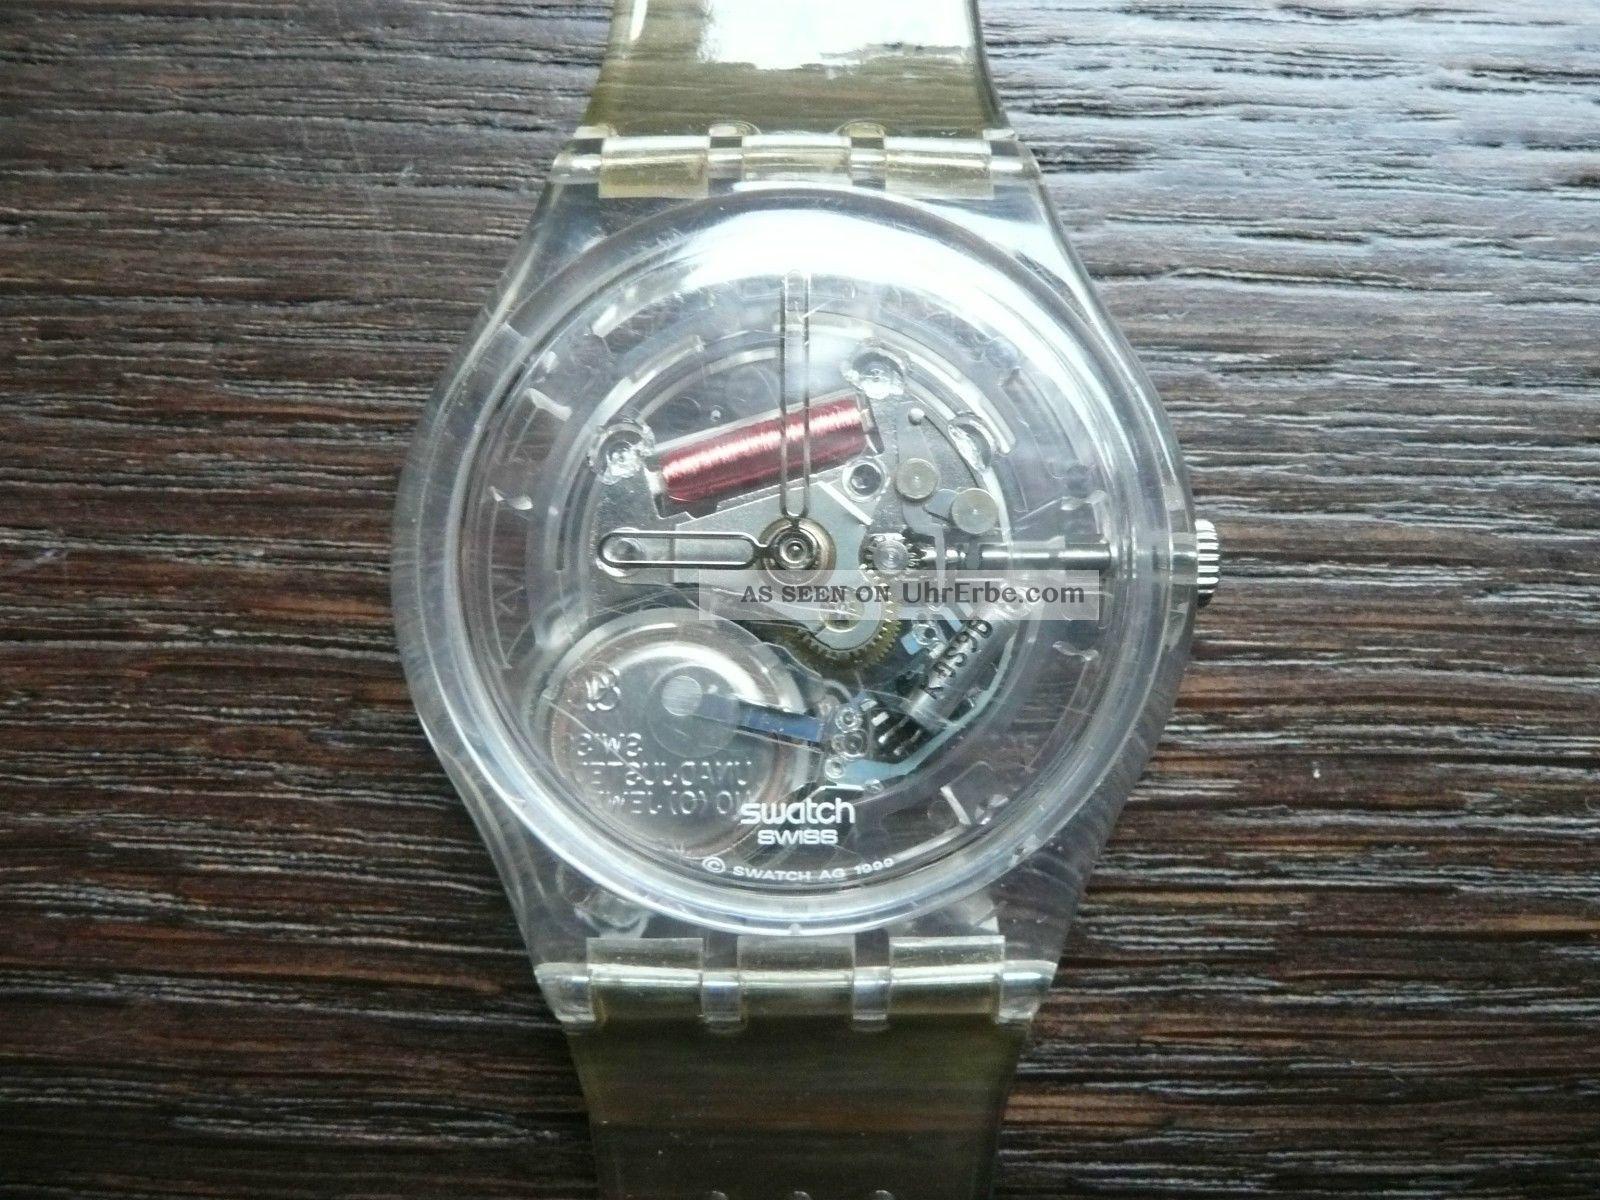 swatch watch uhr armbanduhr transparent uhrwerk. Black Bedroom Furniture Sets. Home Design Ideas